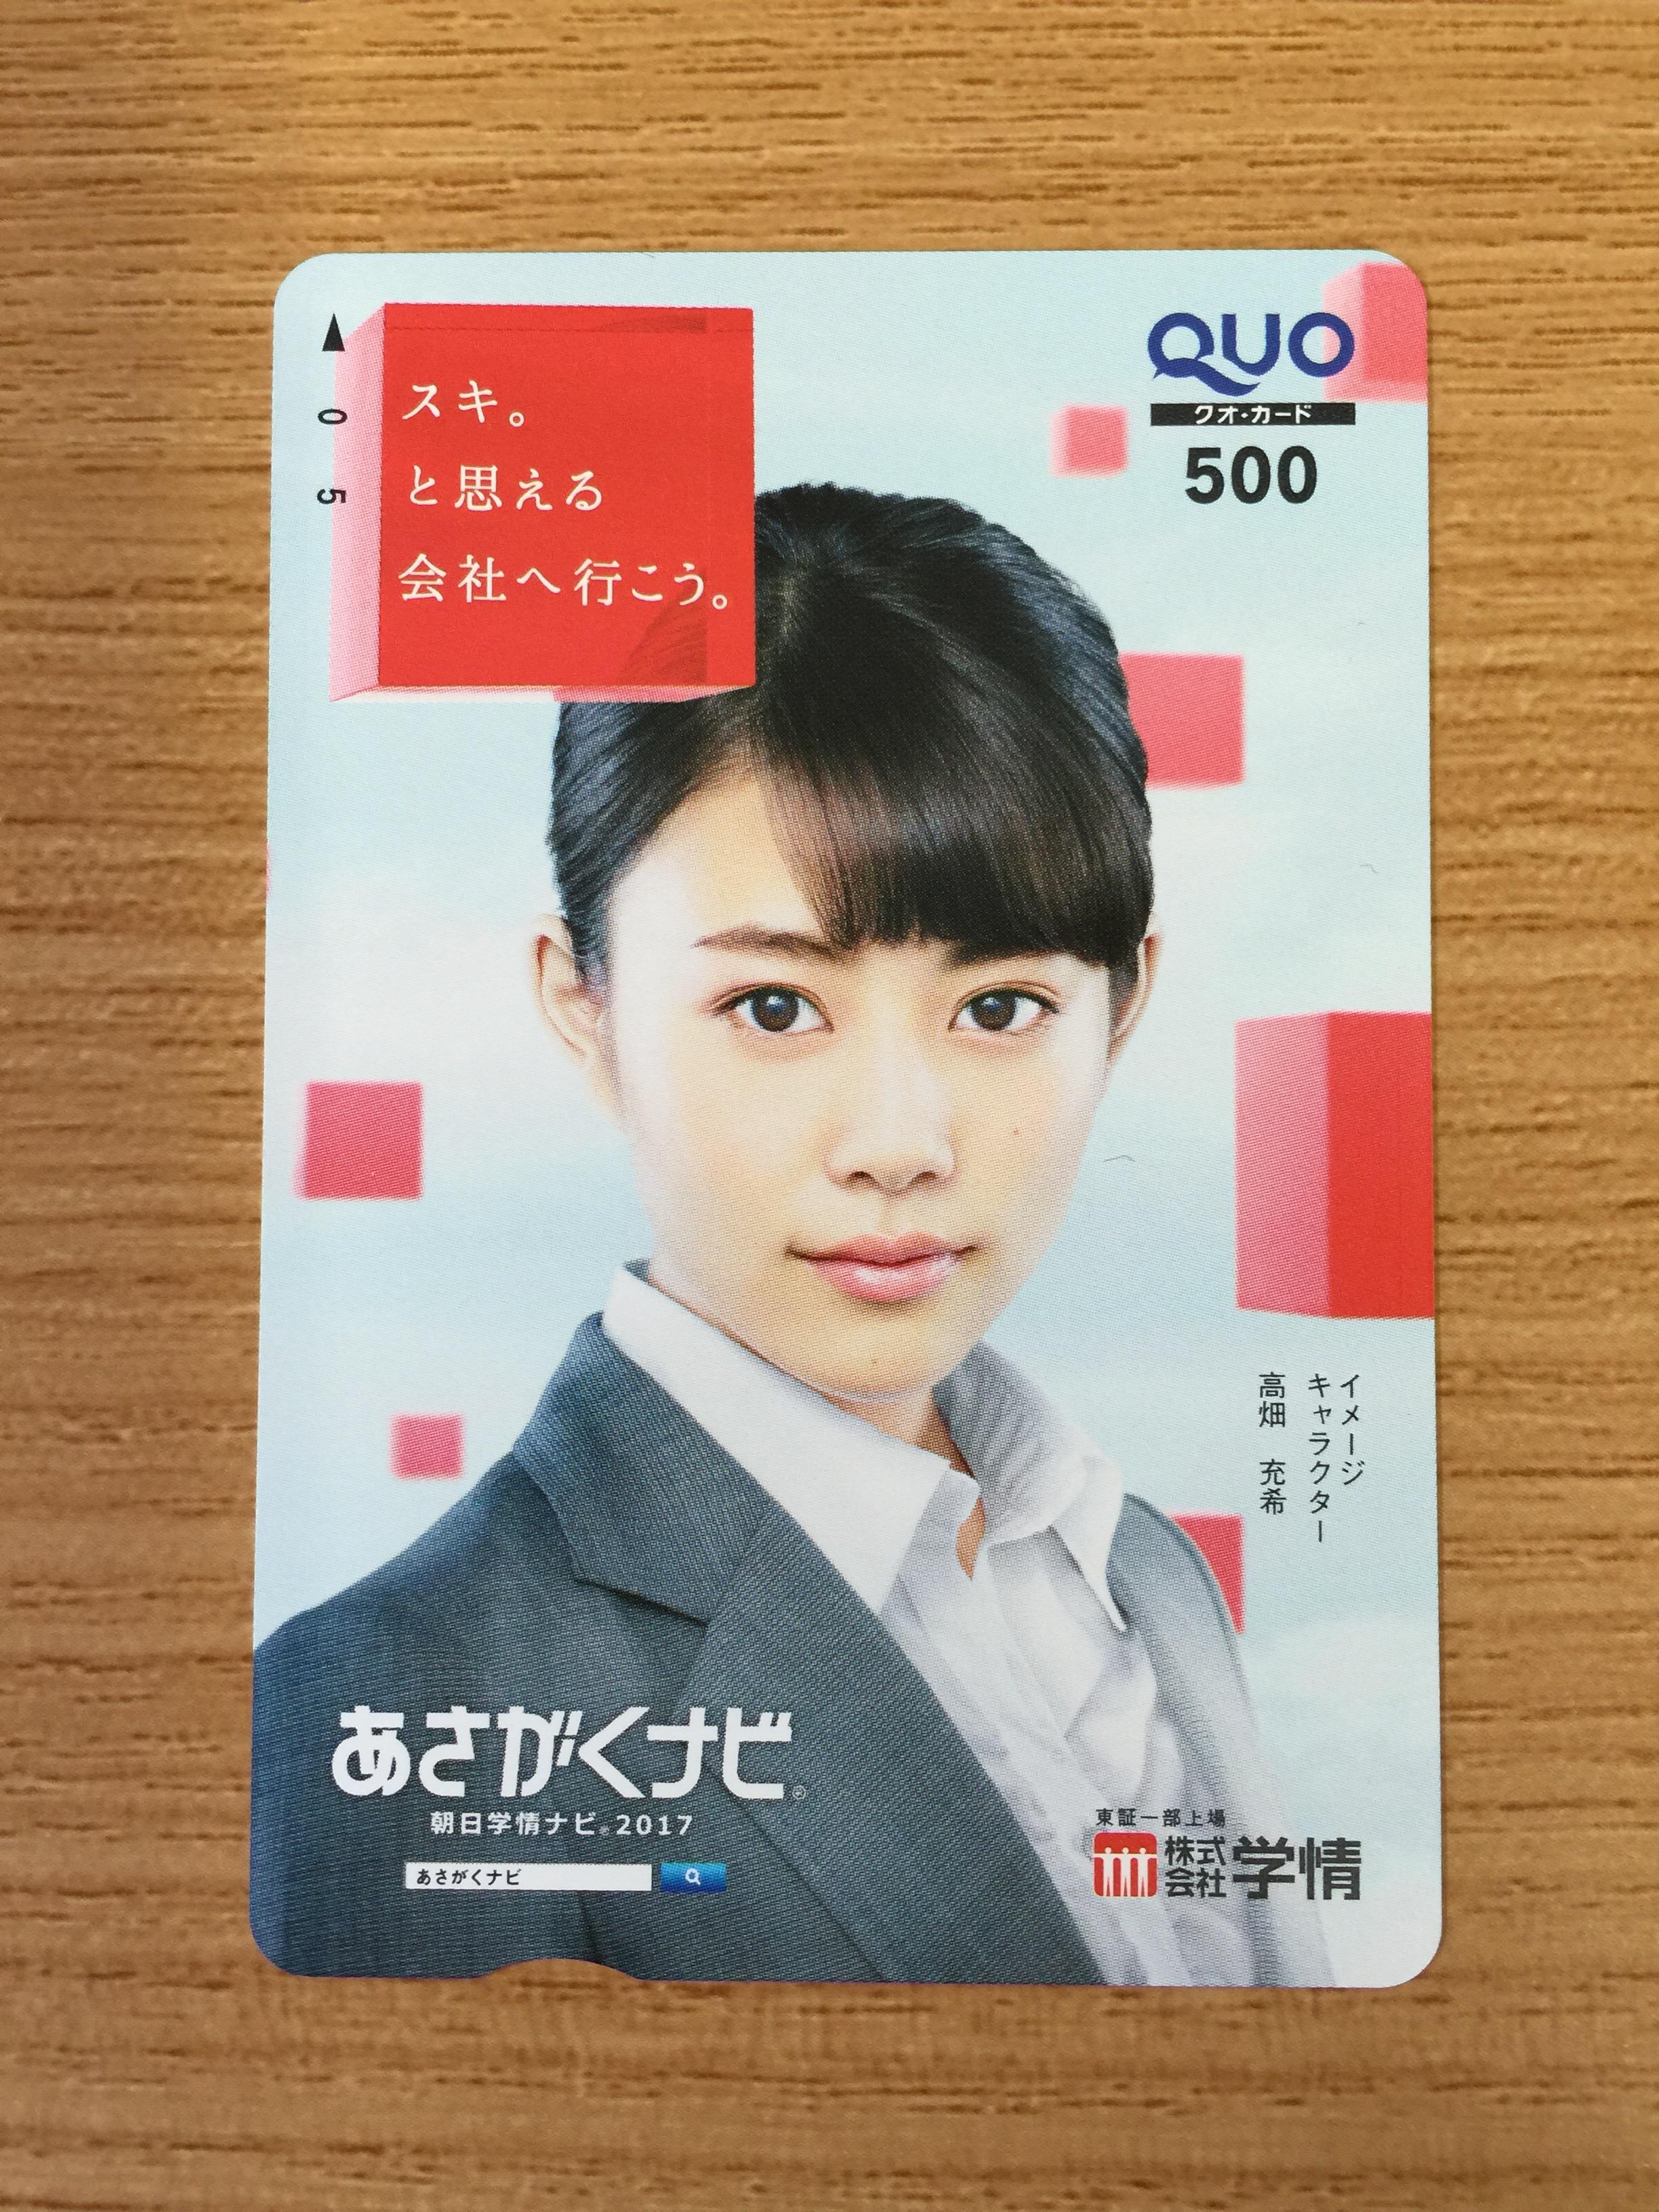 学情からの株主優待 いま旬の女優 高畑充希さんのクオカード